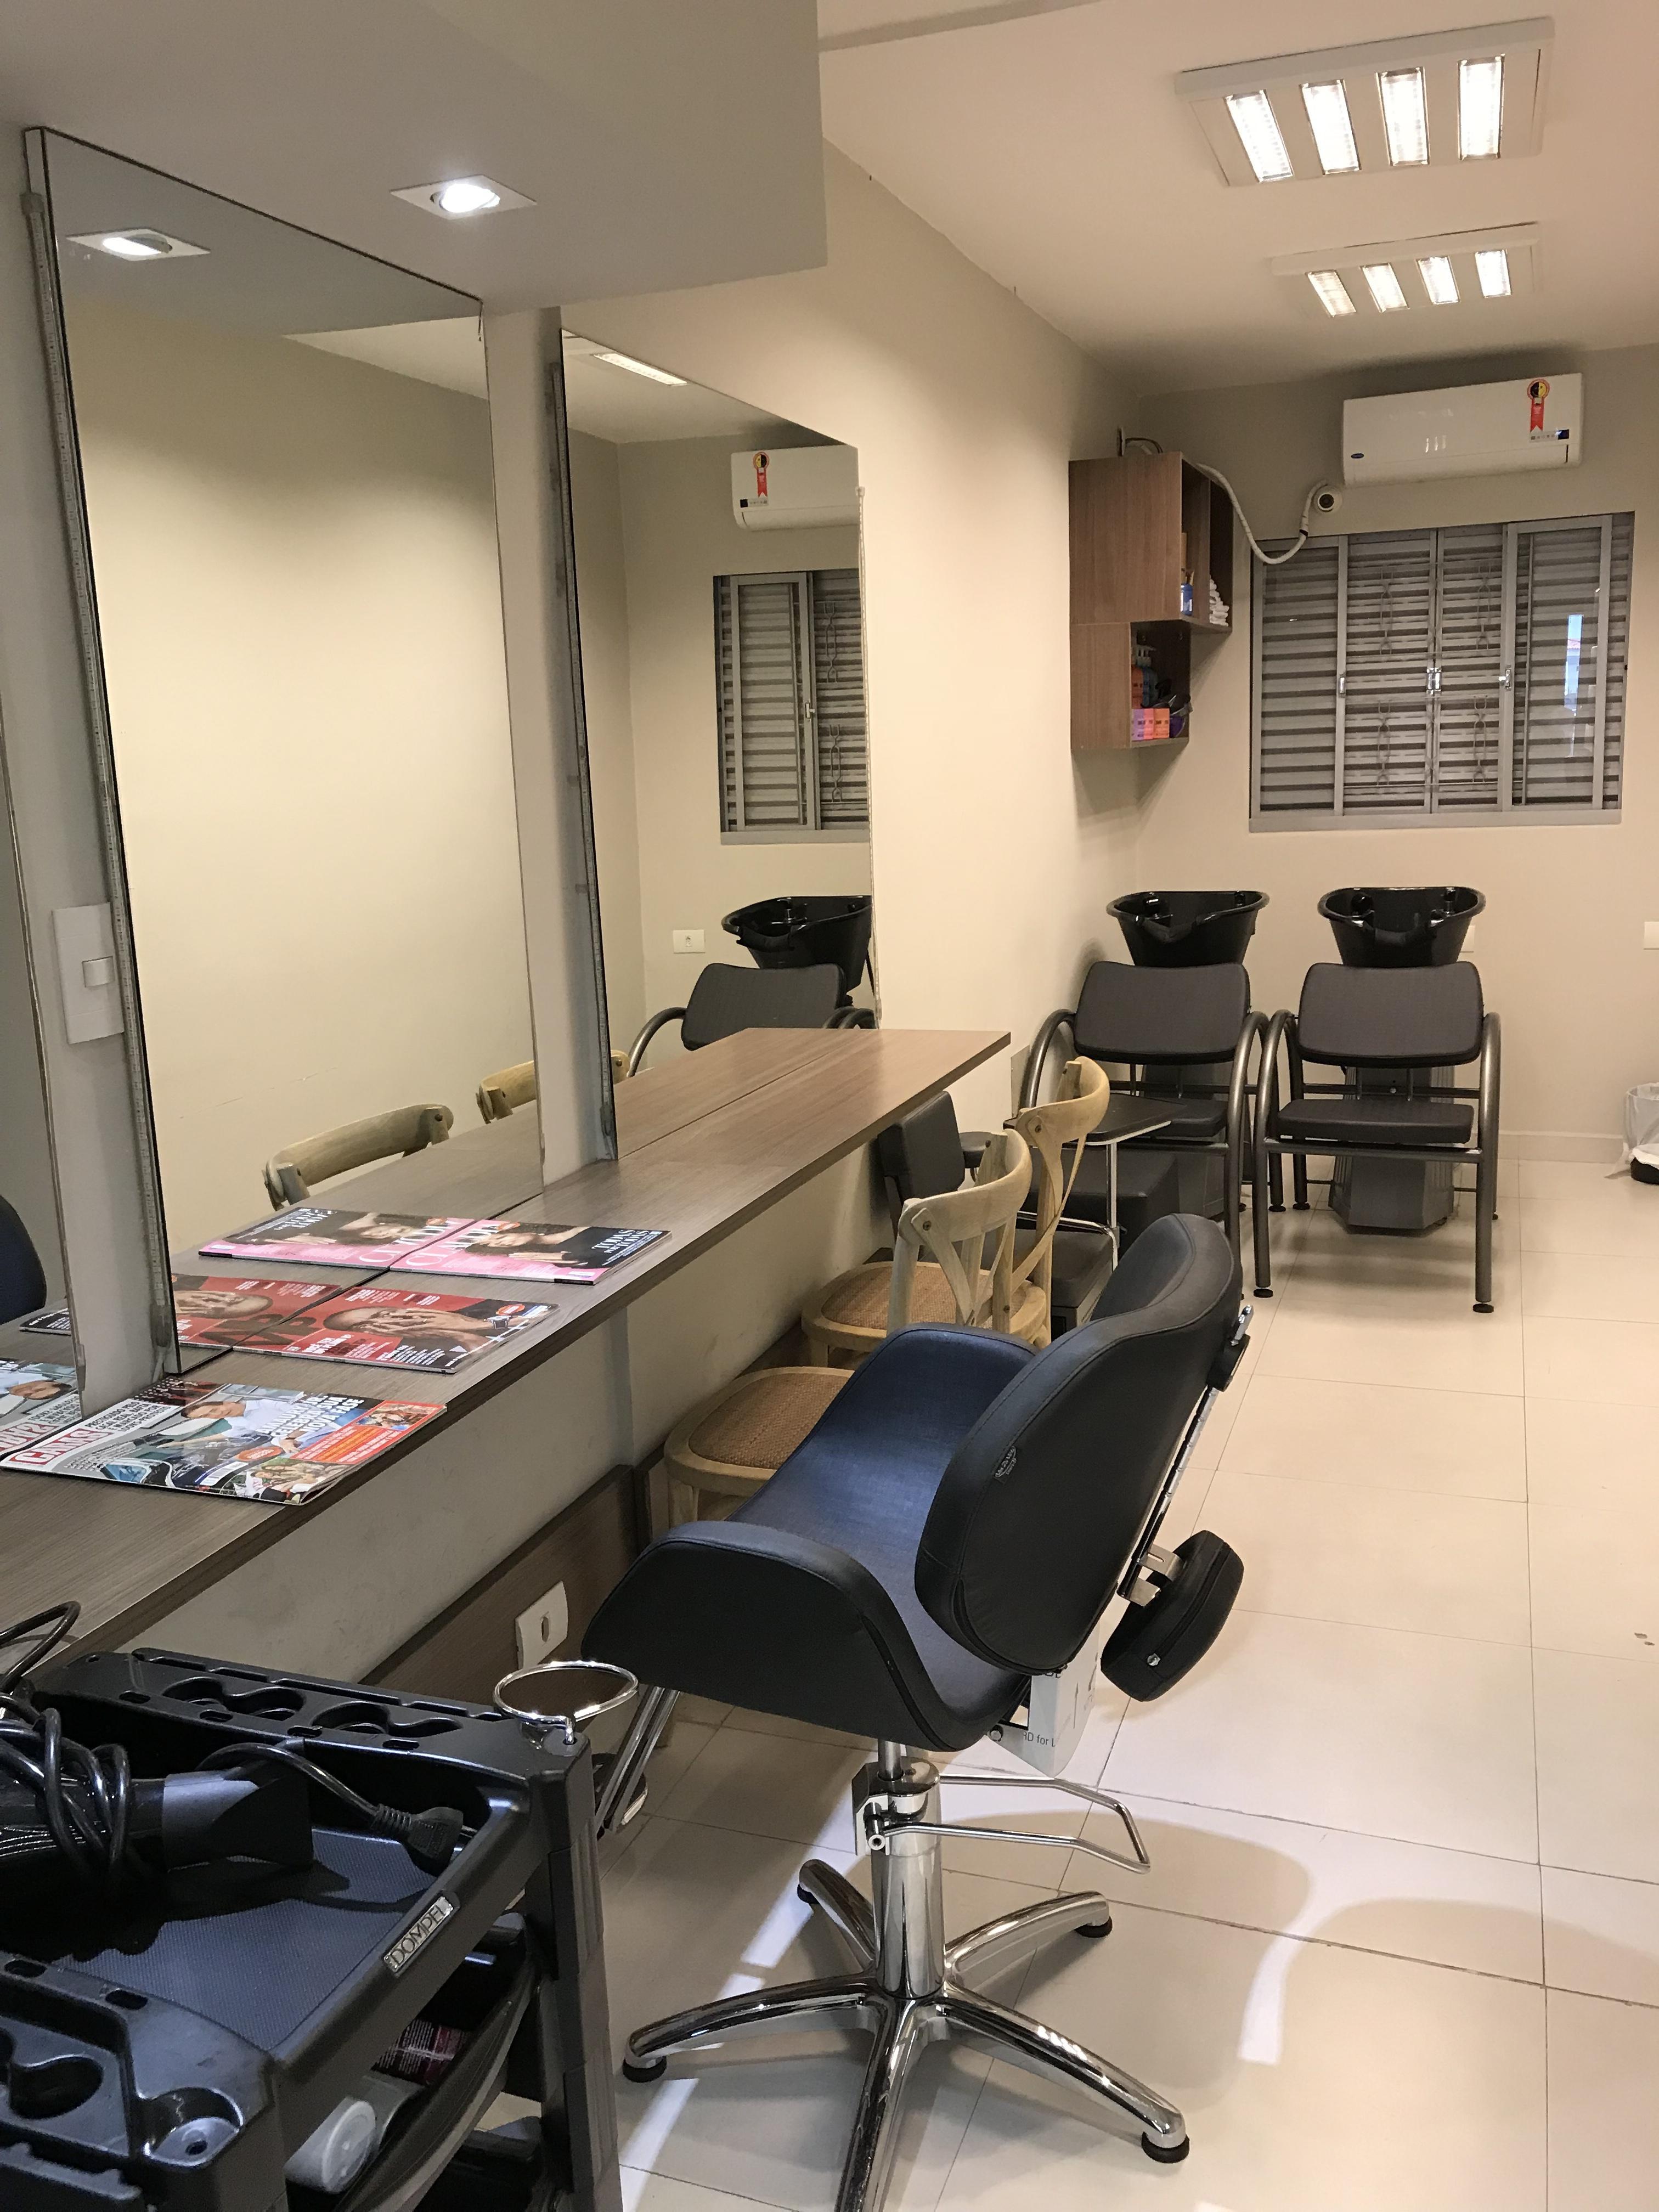 Locação de espaço para profissionais de cabelo! Se você é profissional desta área, possui sua própria clientela e está buscando um local para aconchegante para atendê-los, este é o local.  Excelente localização na zona sul de São Paulo , Brooklin. Entre em contato e faça uma visita cabelo designer de sobrancelhas esteticista micropigmentador(a) empresário(a)